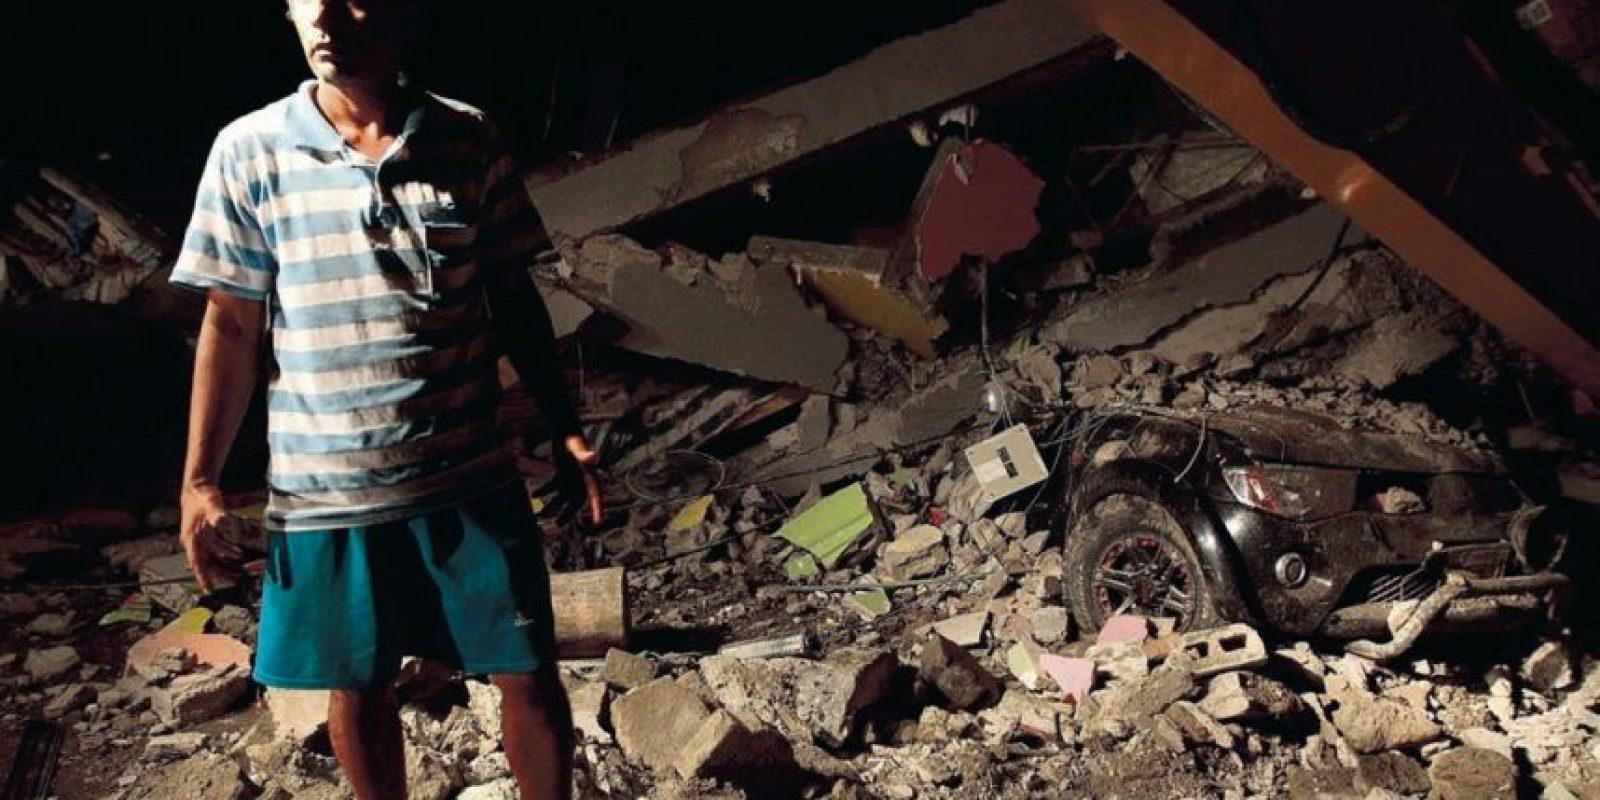 Muchos establecimientos colapsaron por completo por lo que se teme que aumente el número de fallecidos. Foto:Metro